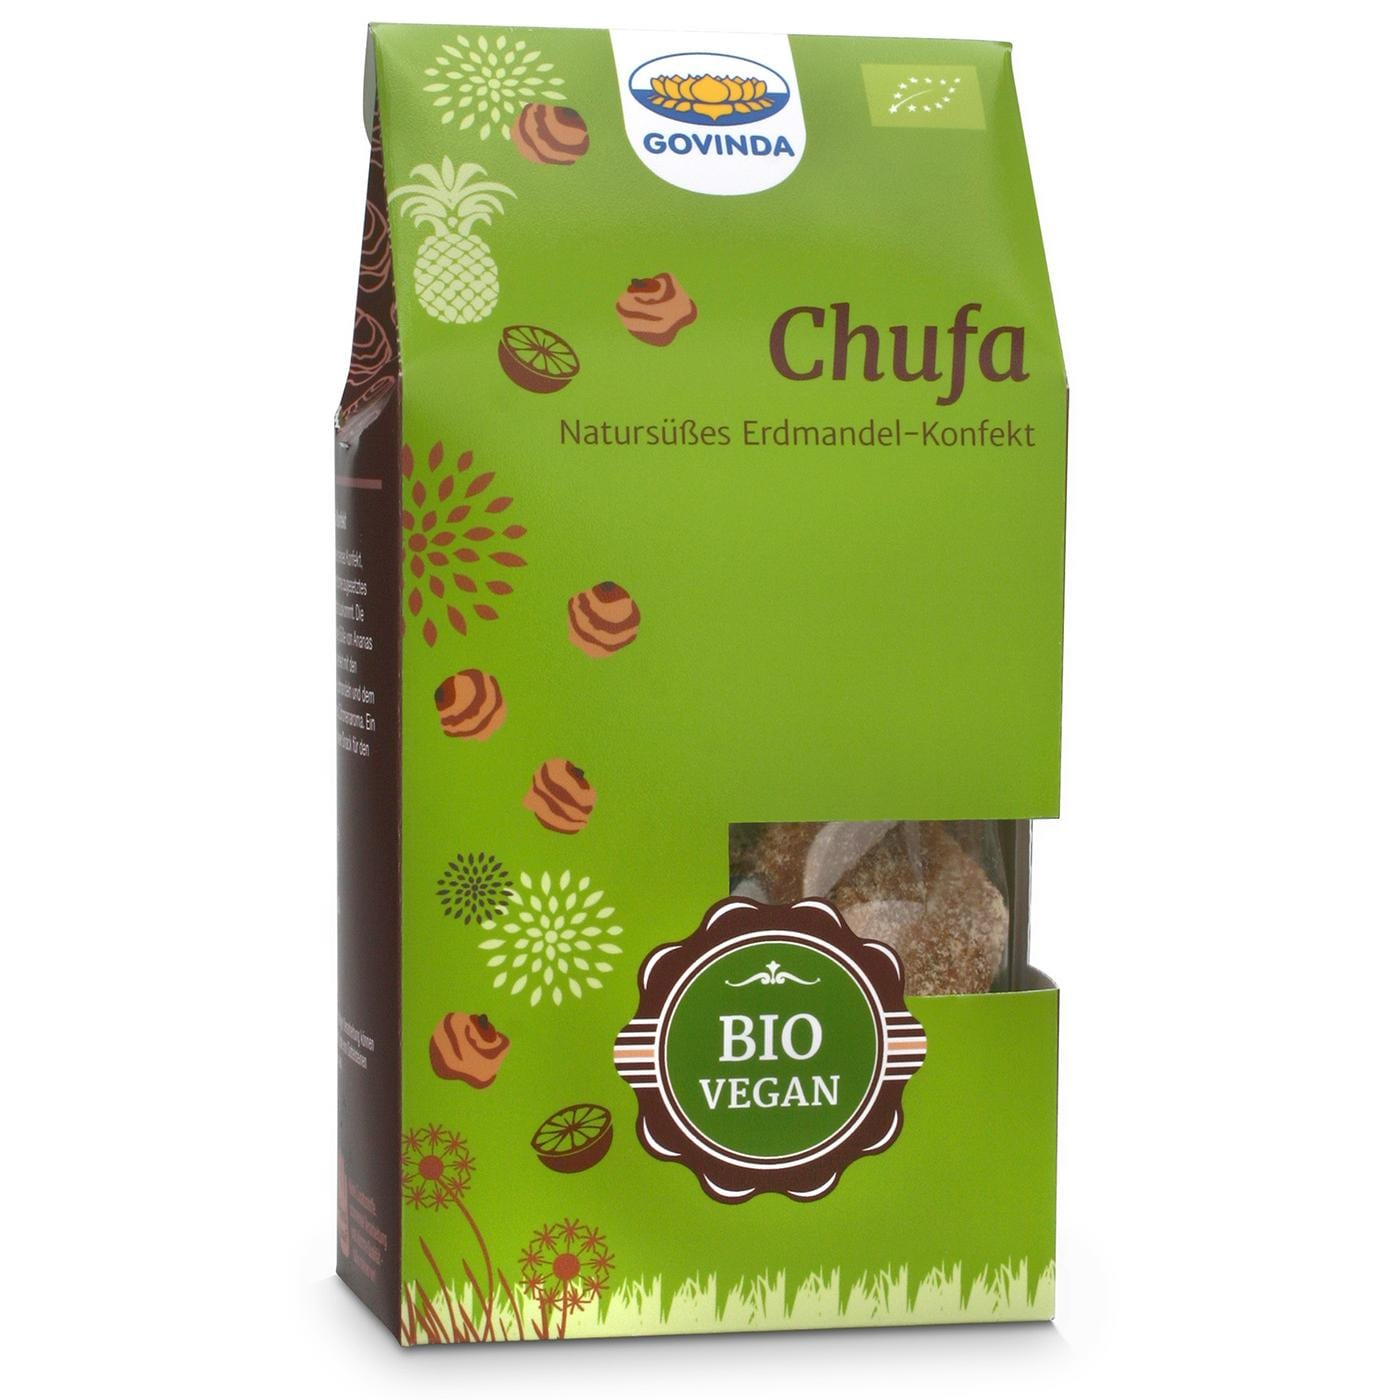 Govinda Bio Chufa-Konfekt 120g